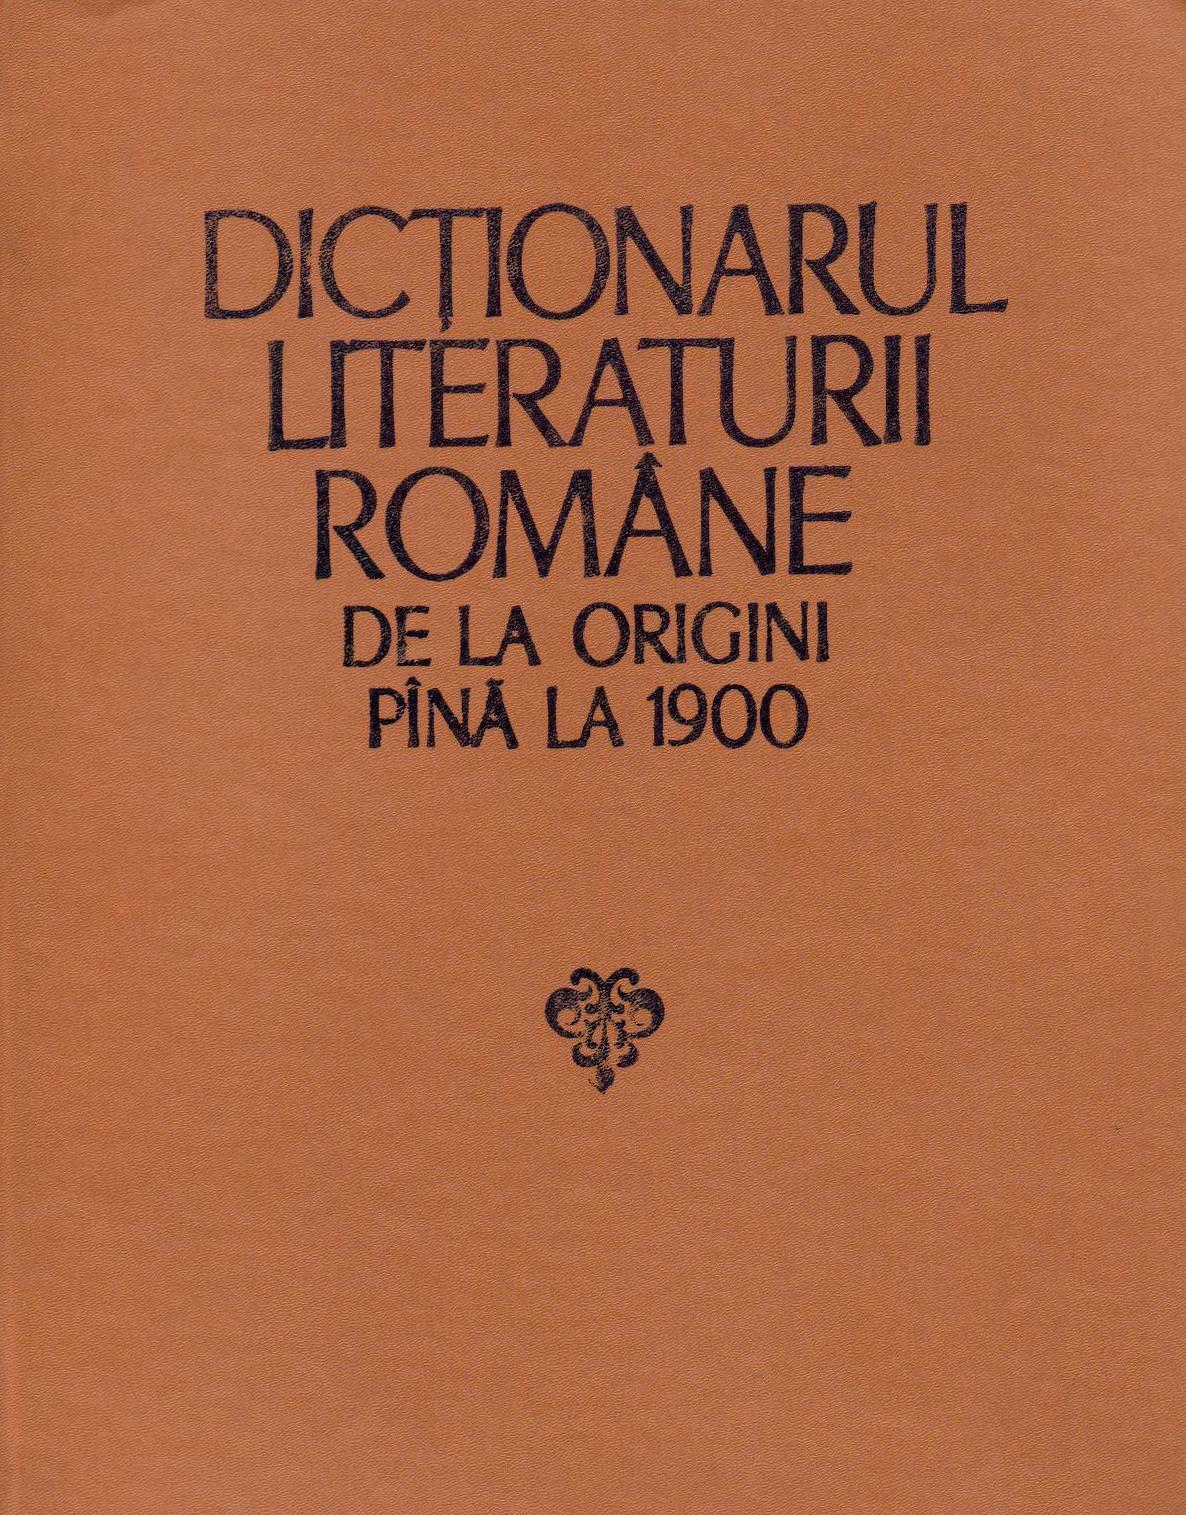 Dicţionarul literat...